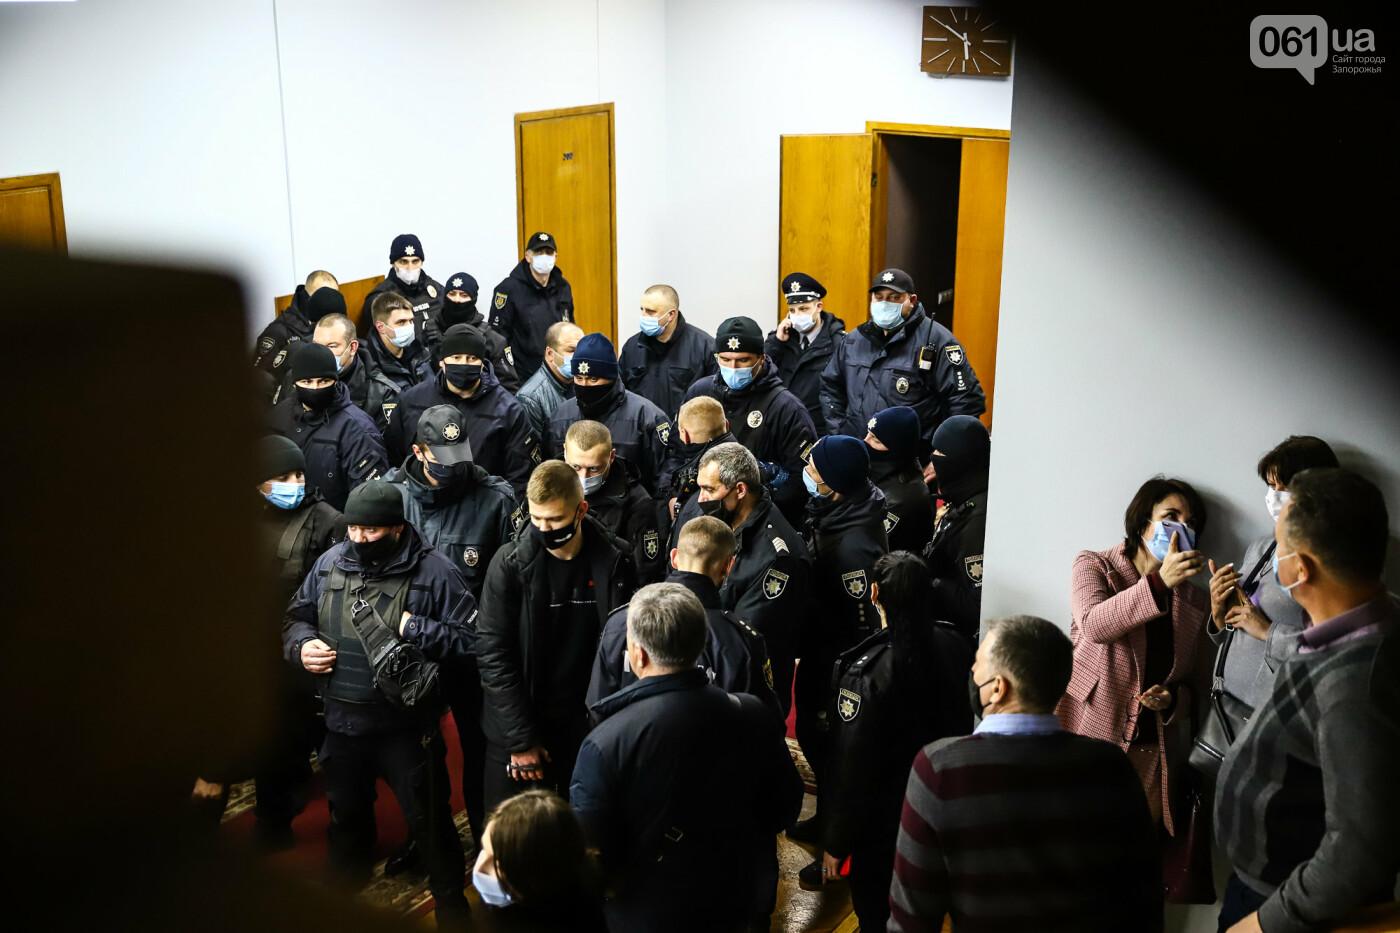 """Тайная """"сессия"""", сотни правоохранителей и стычки с активистами - что происходило в здании Запорожского облсовета, - ФОТО, ВИДЕО , фото-58"""